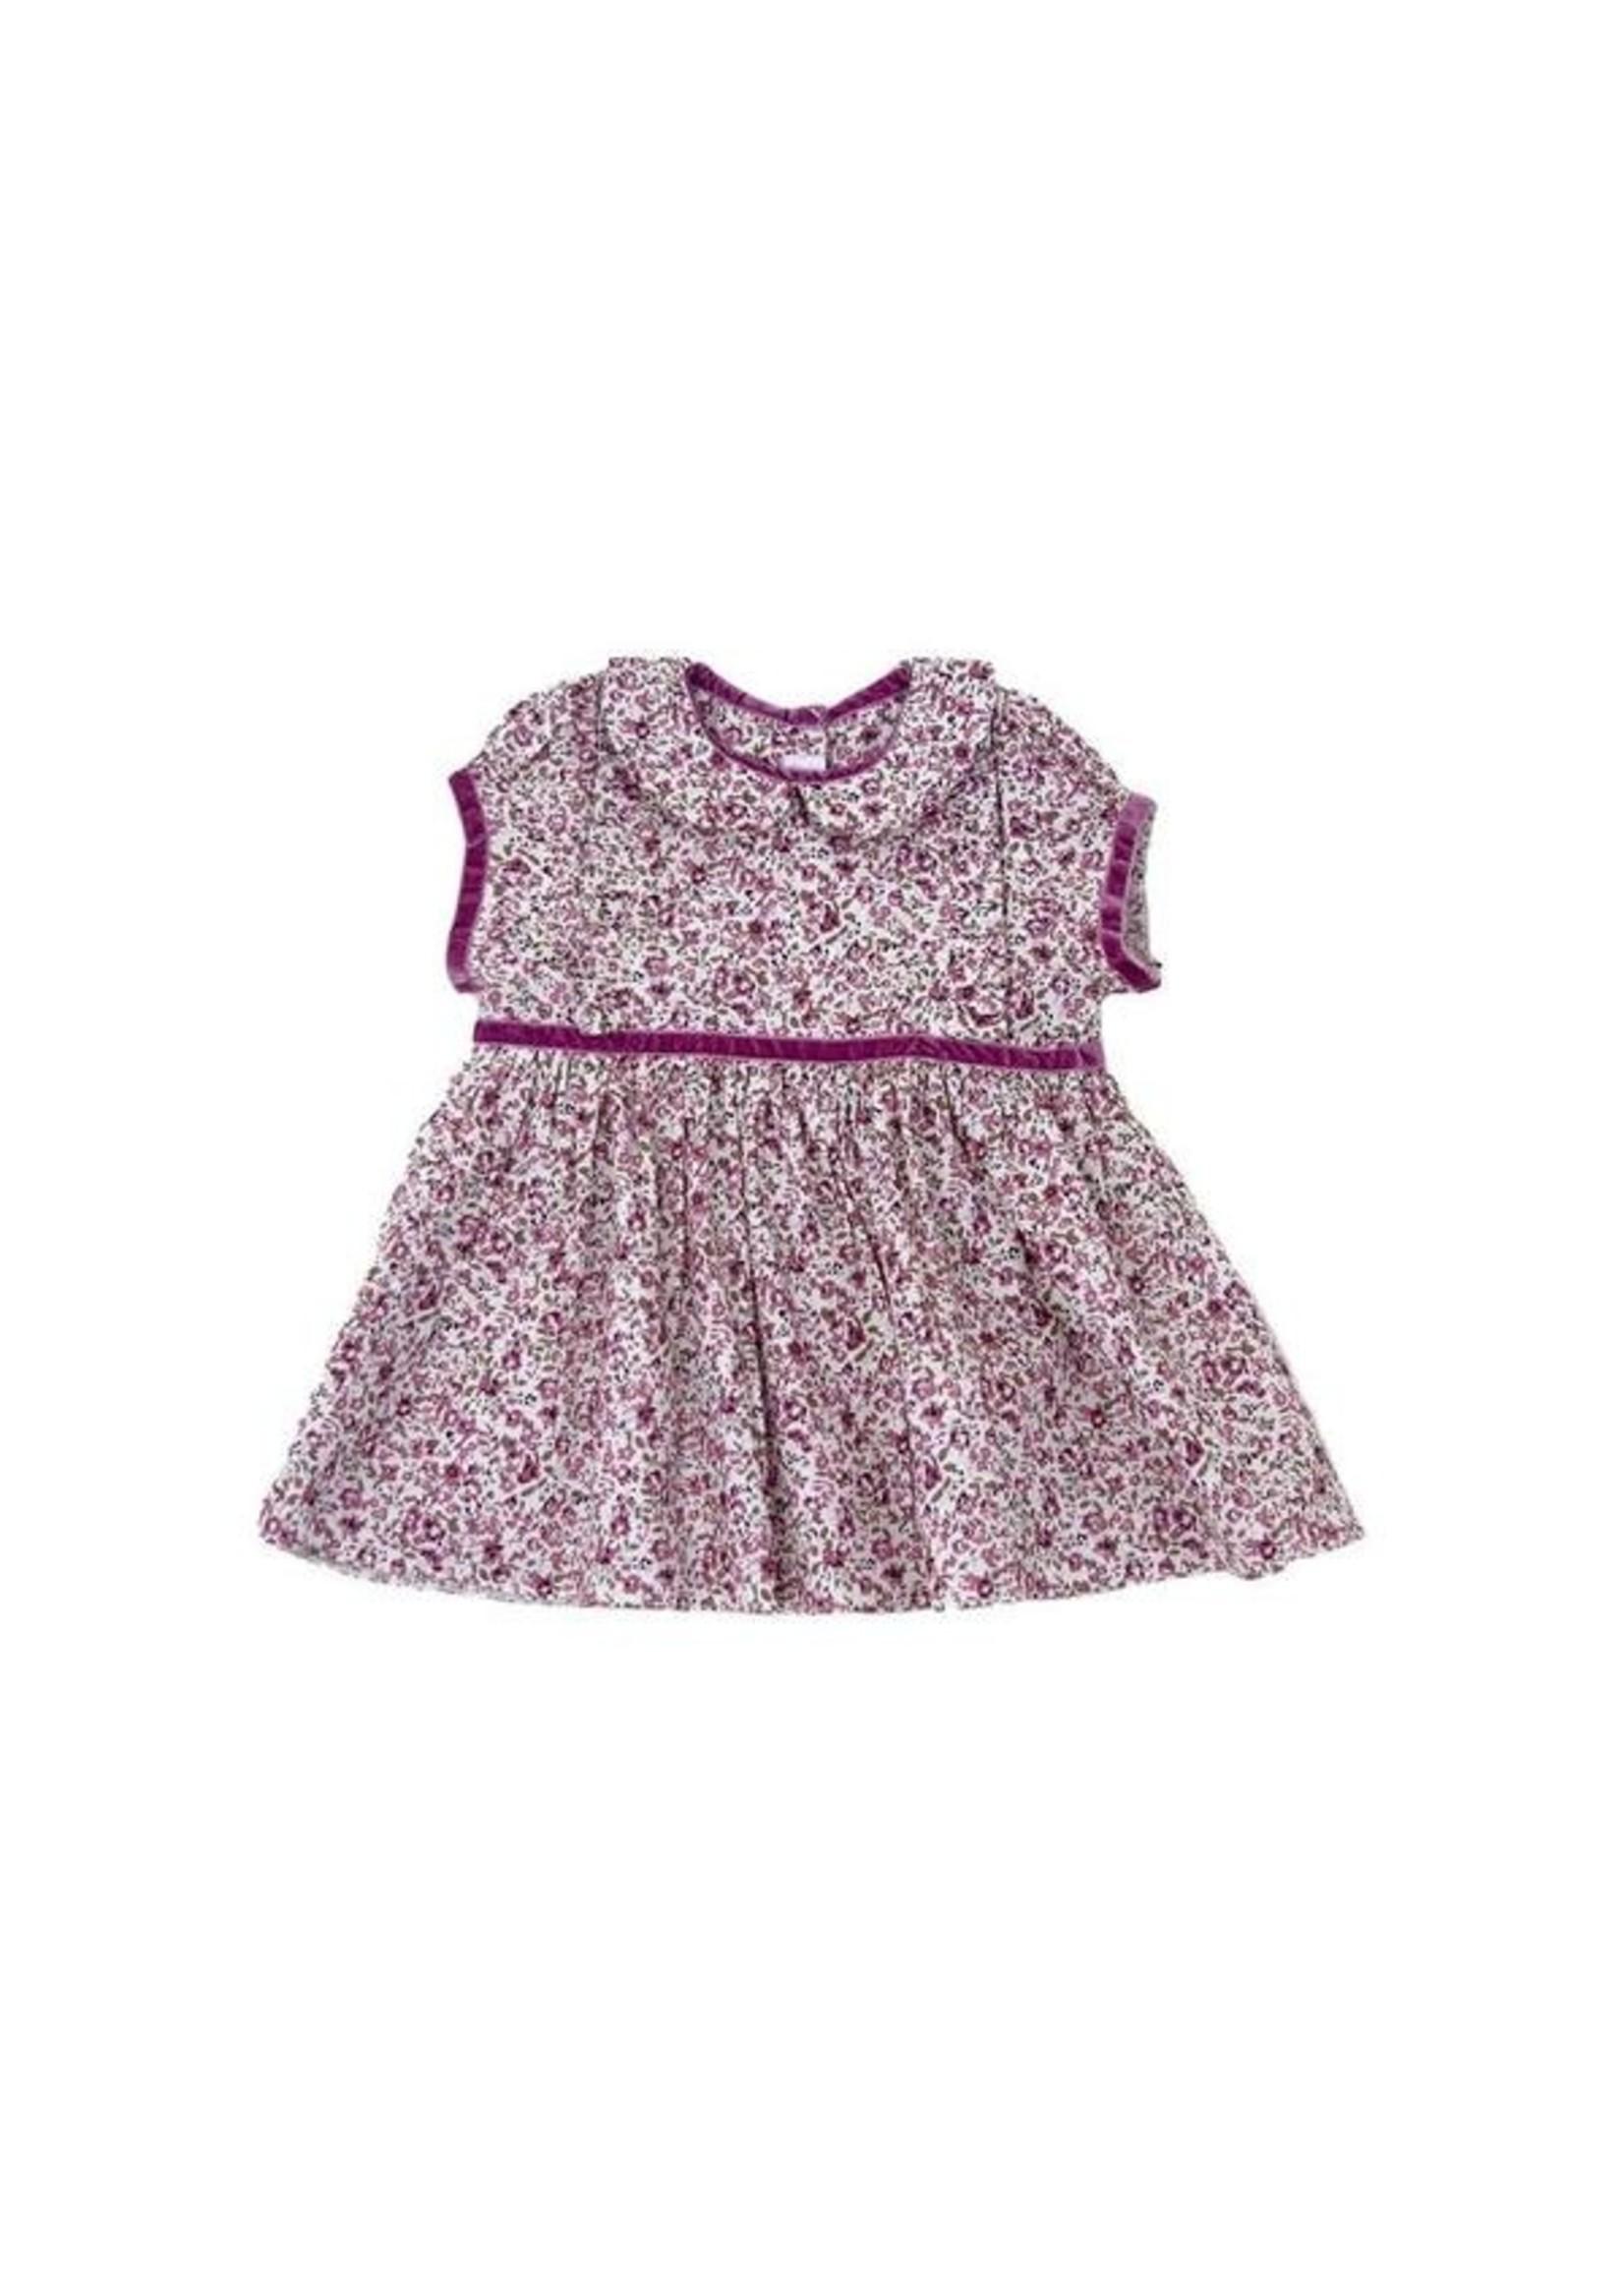 Cuclie Cuclie Dusty Rose Freesia Dress